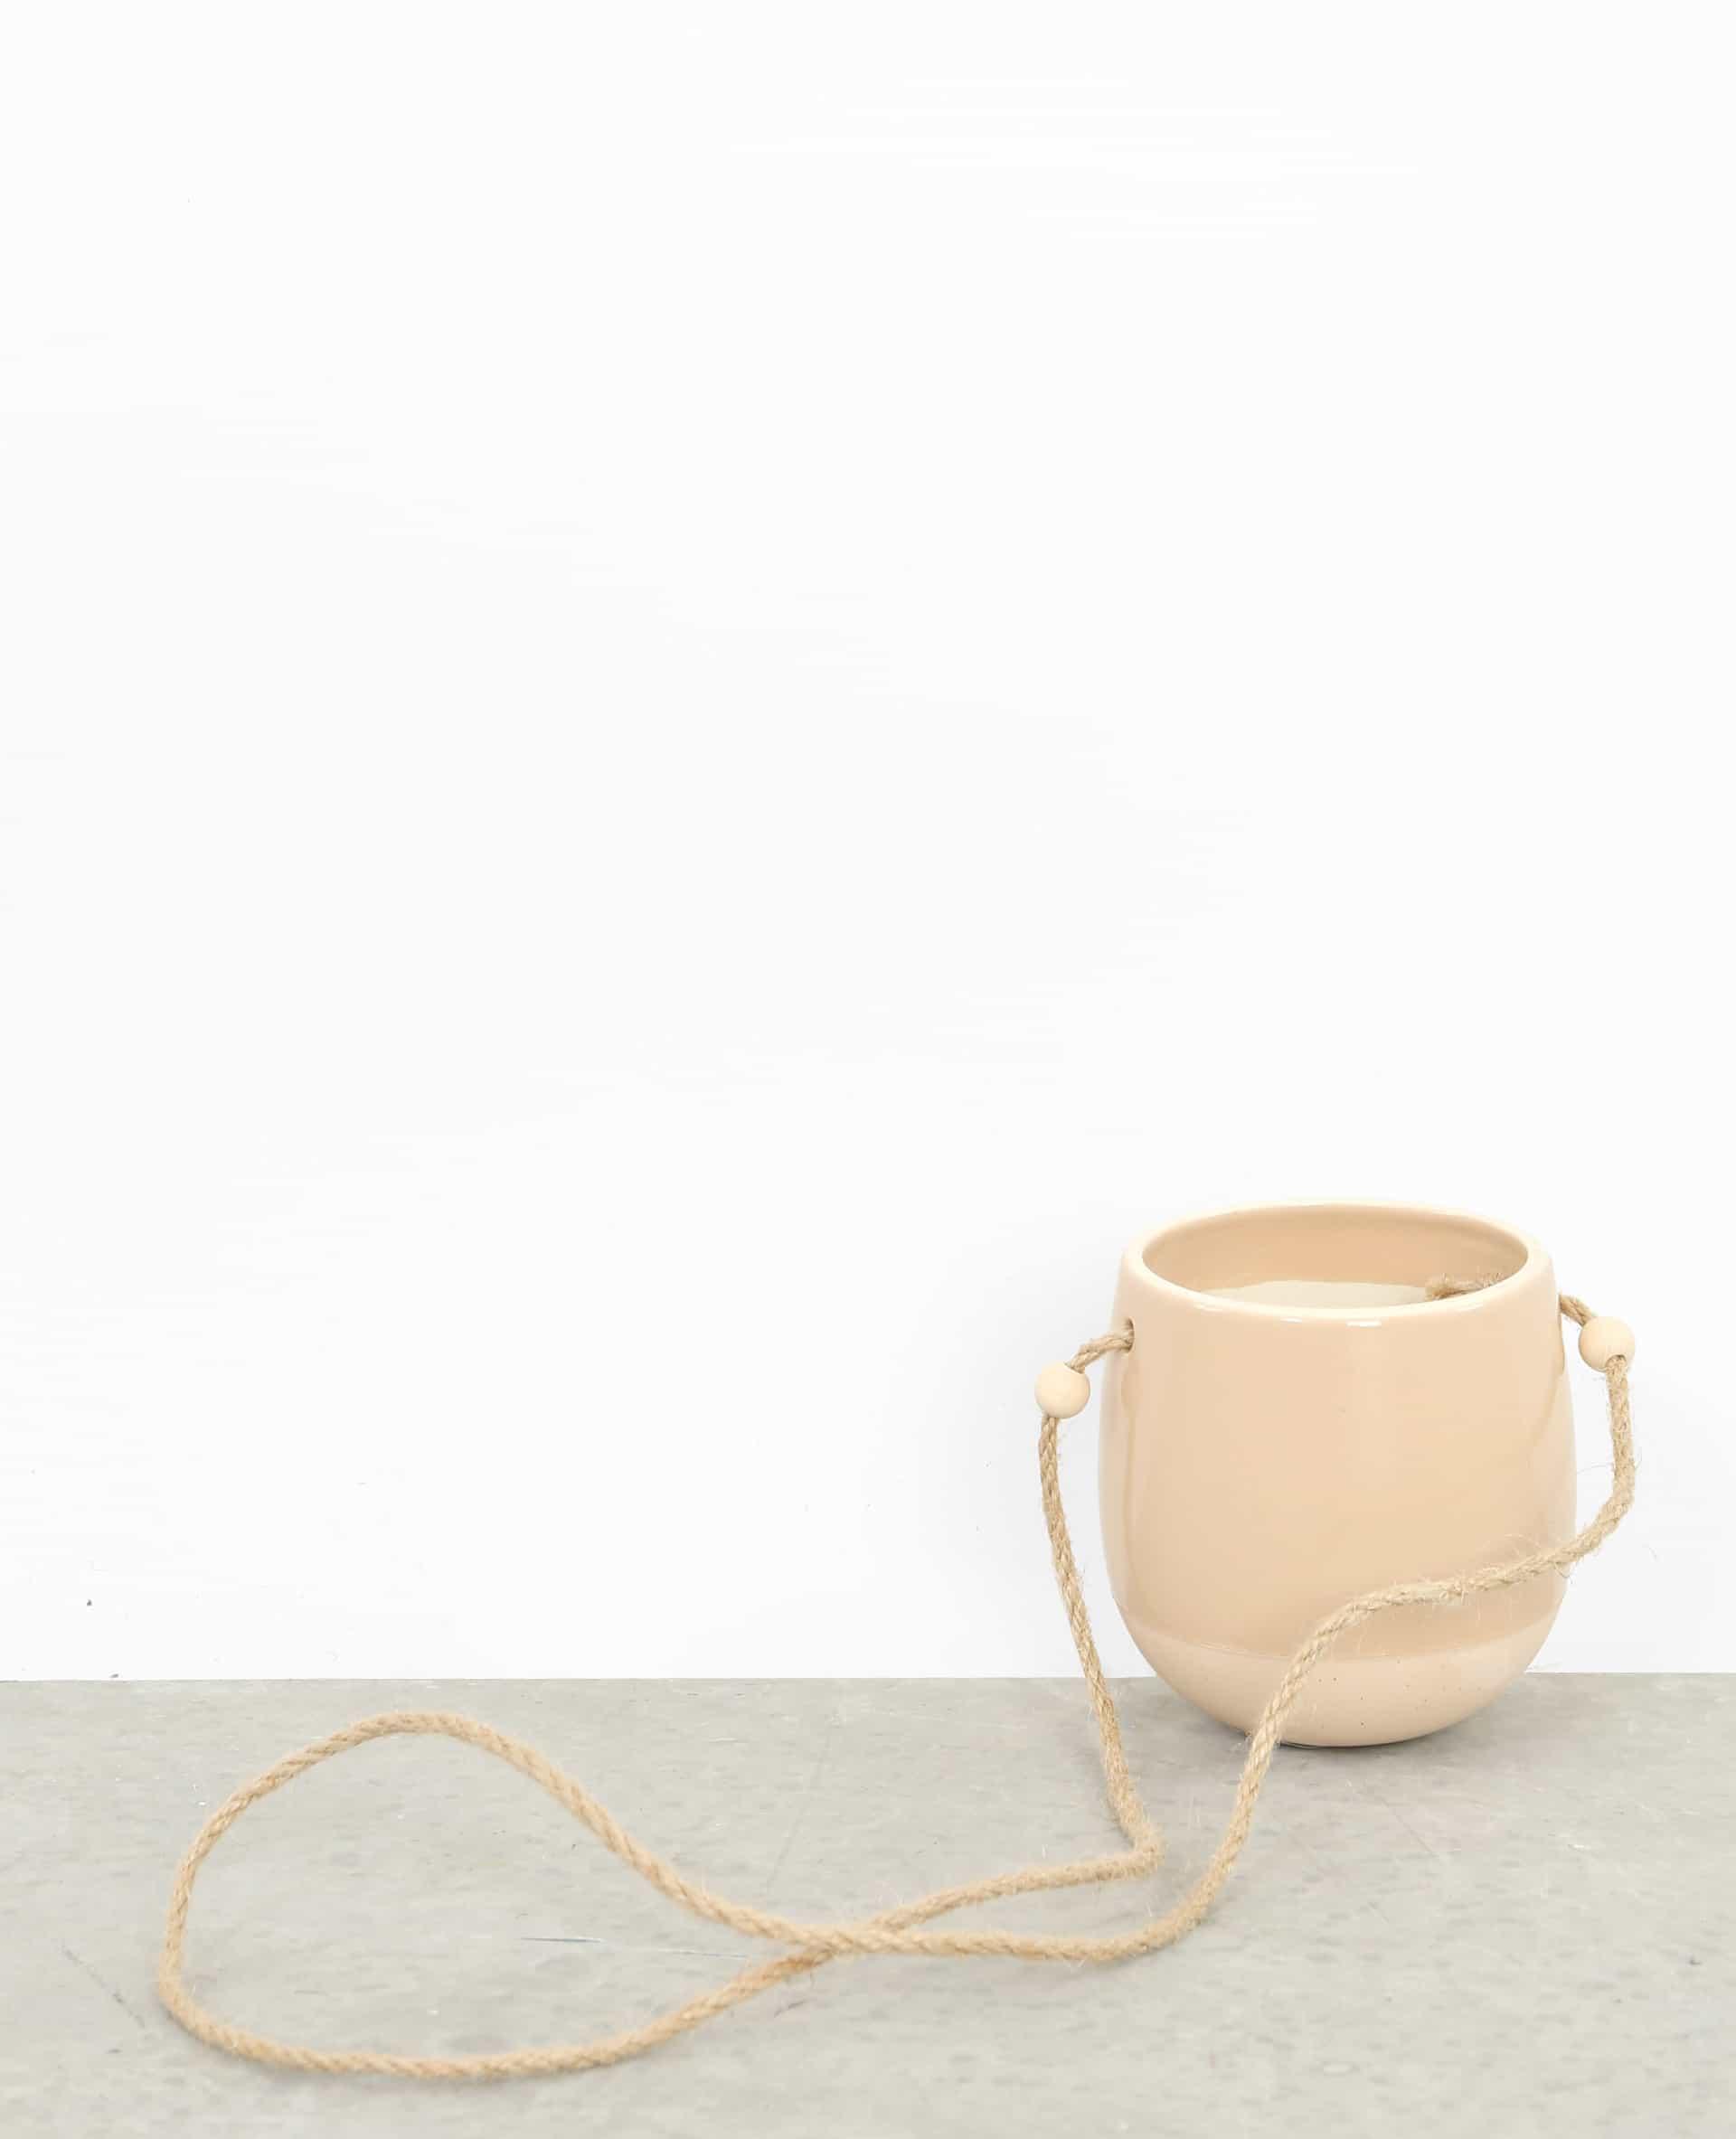 Déco bohème : suspension plantes en céramique - Pimkie Home